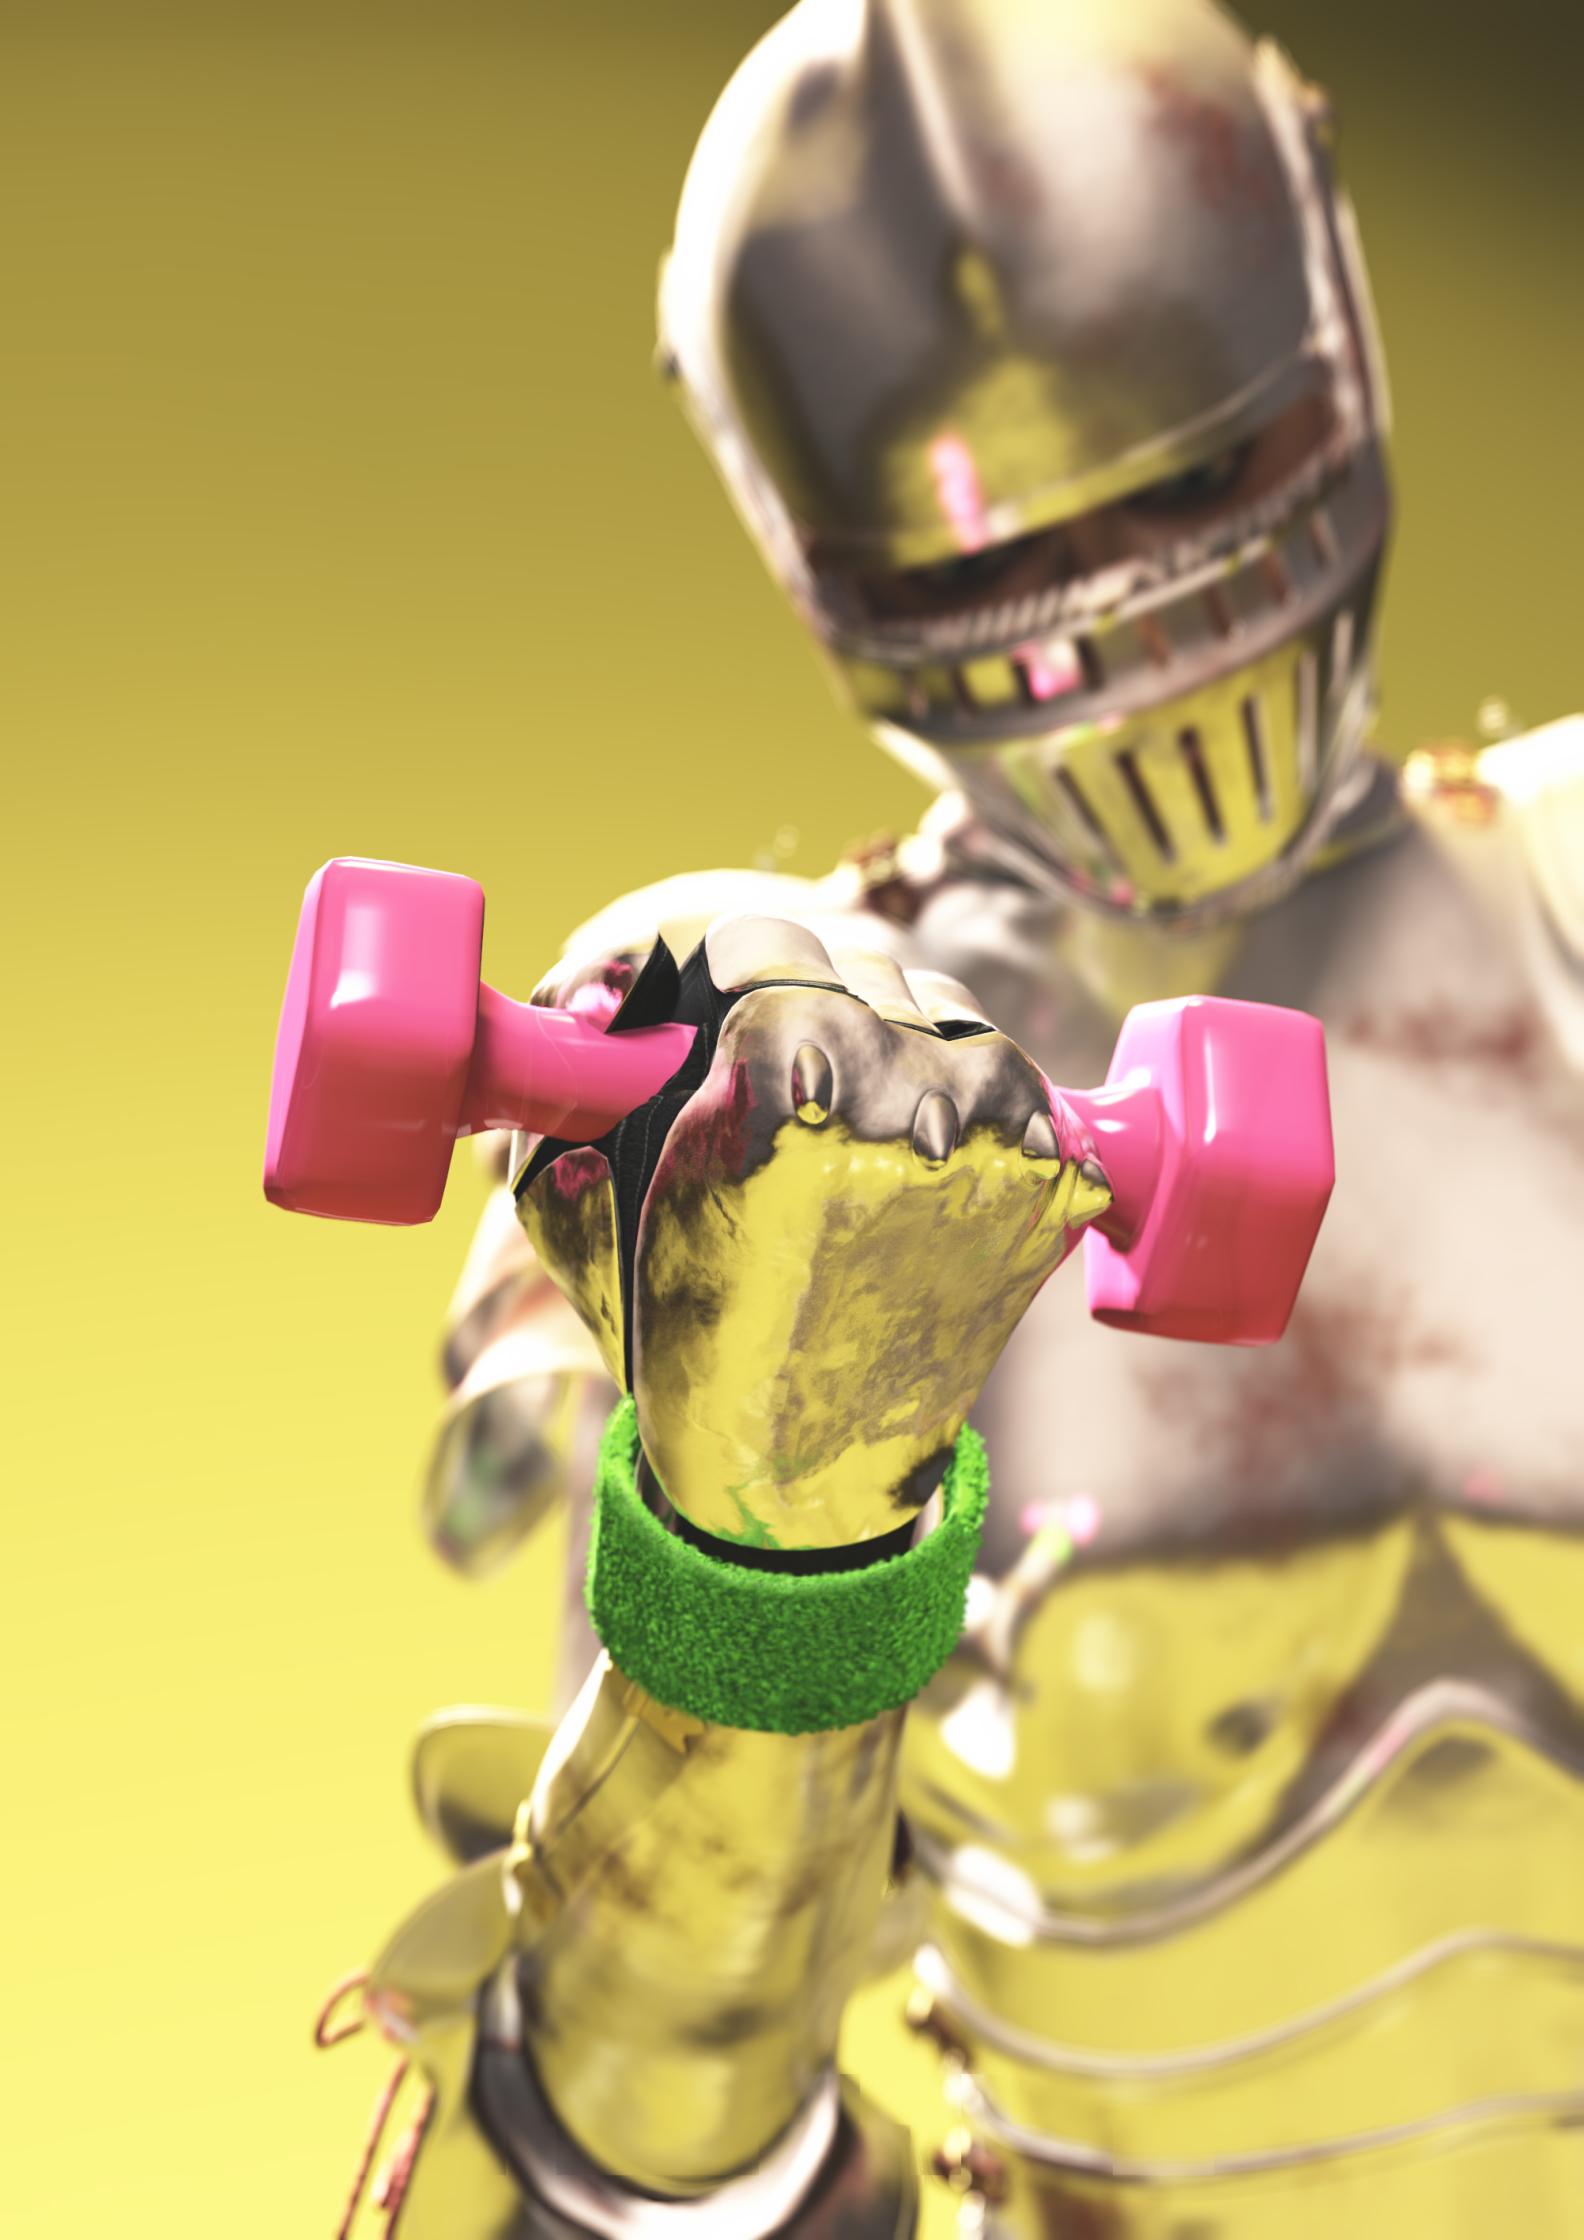 Womens Health dumbbell knight.jpg